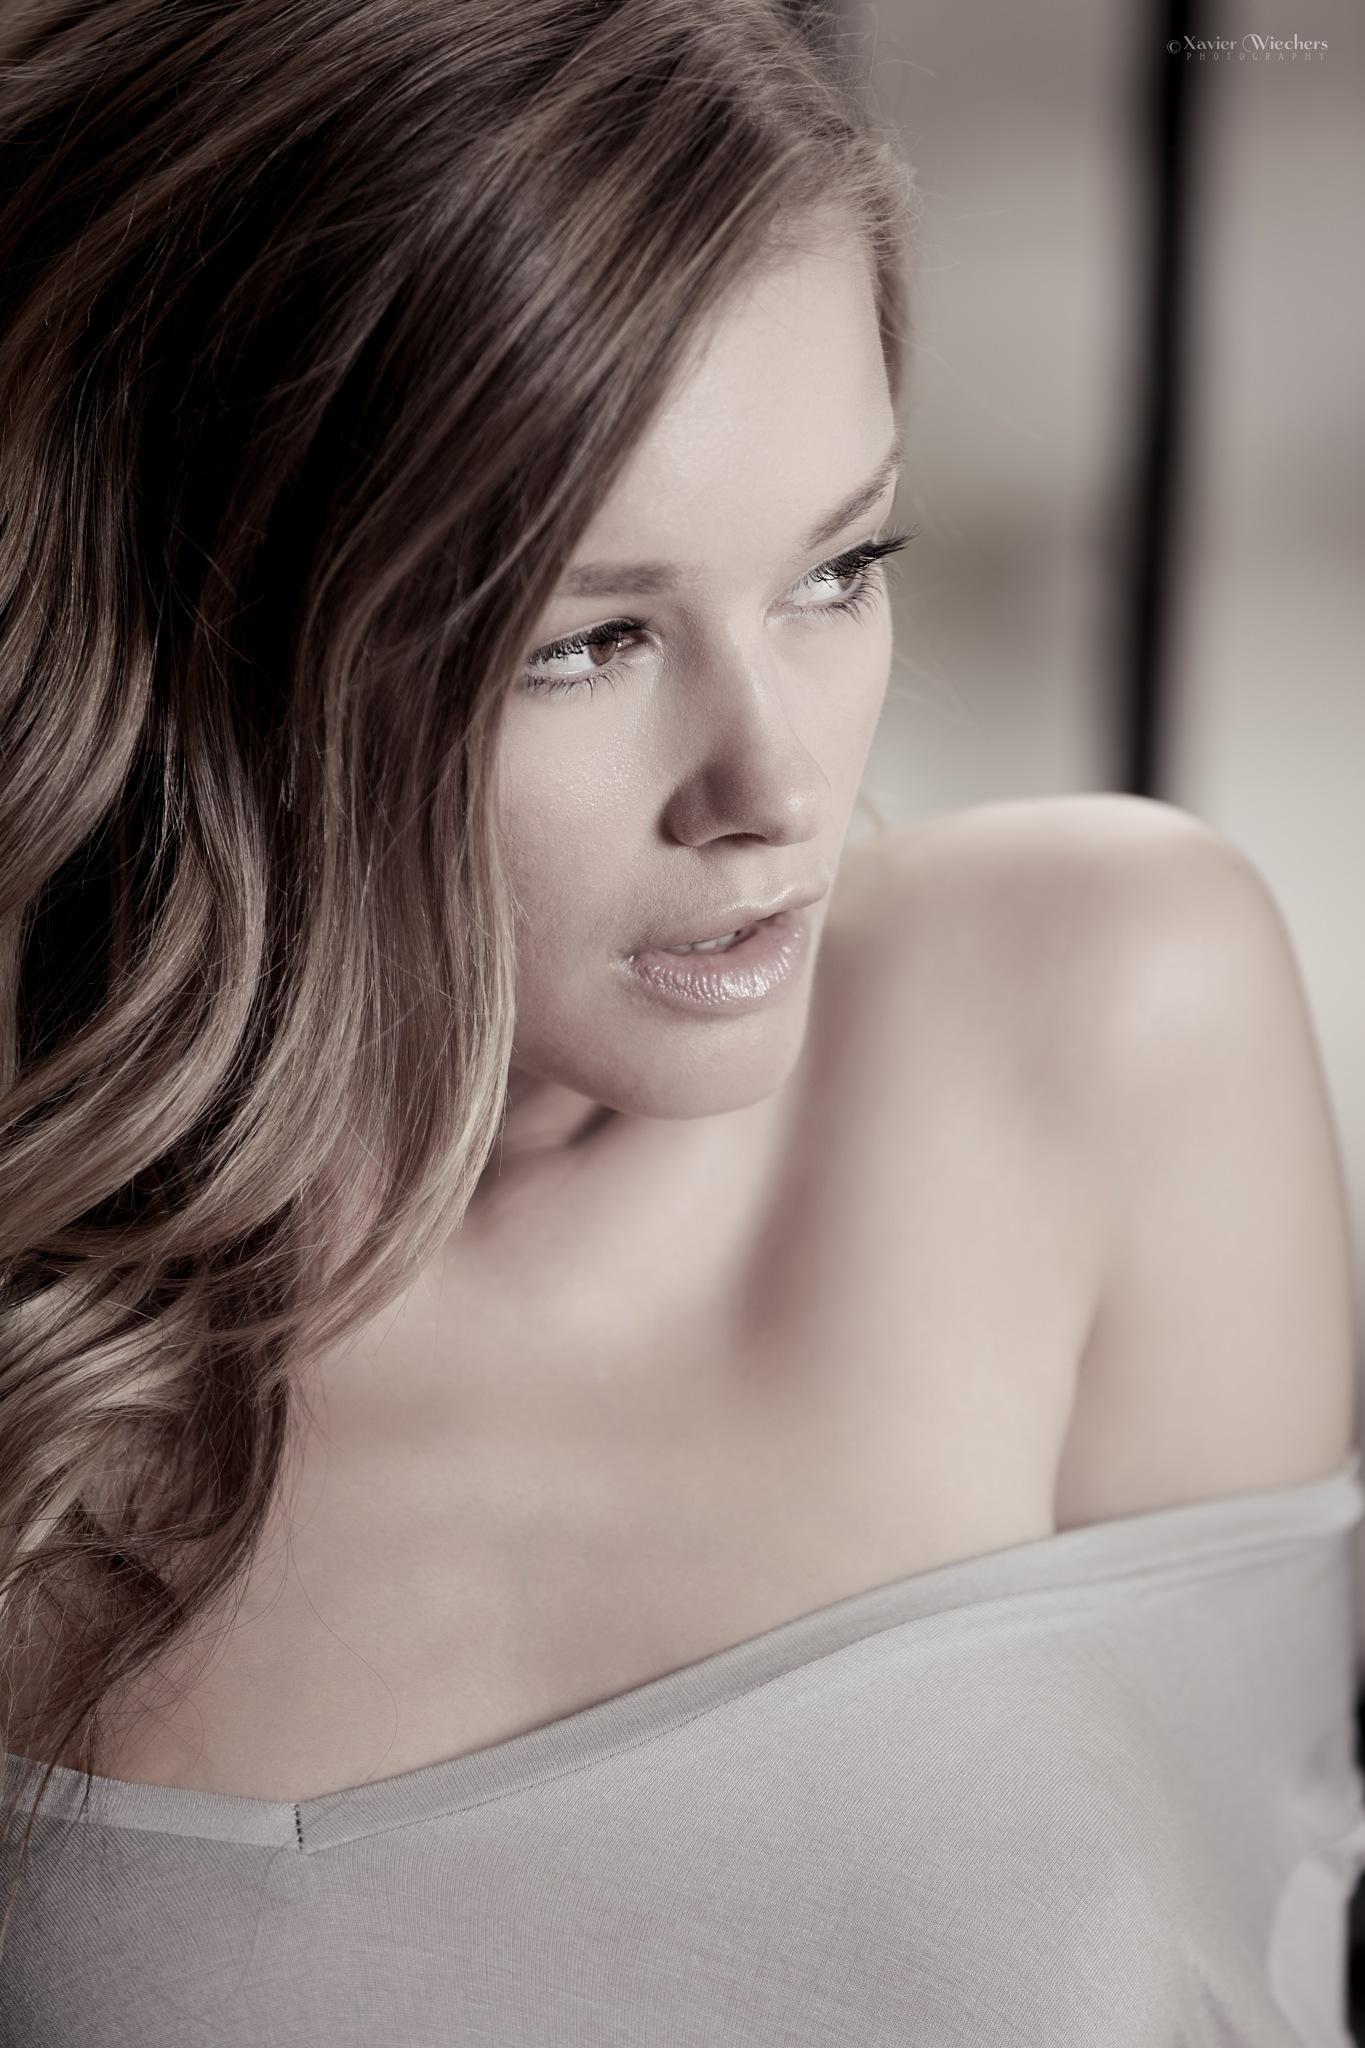 Olivia Preston X by xwiechers